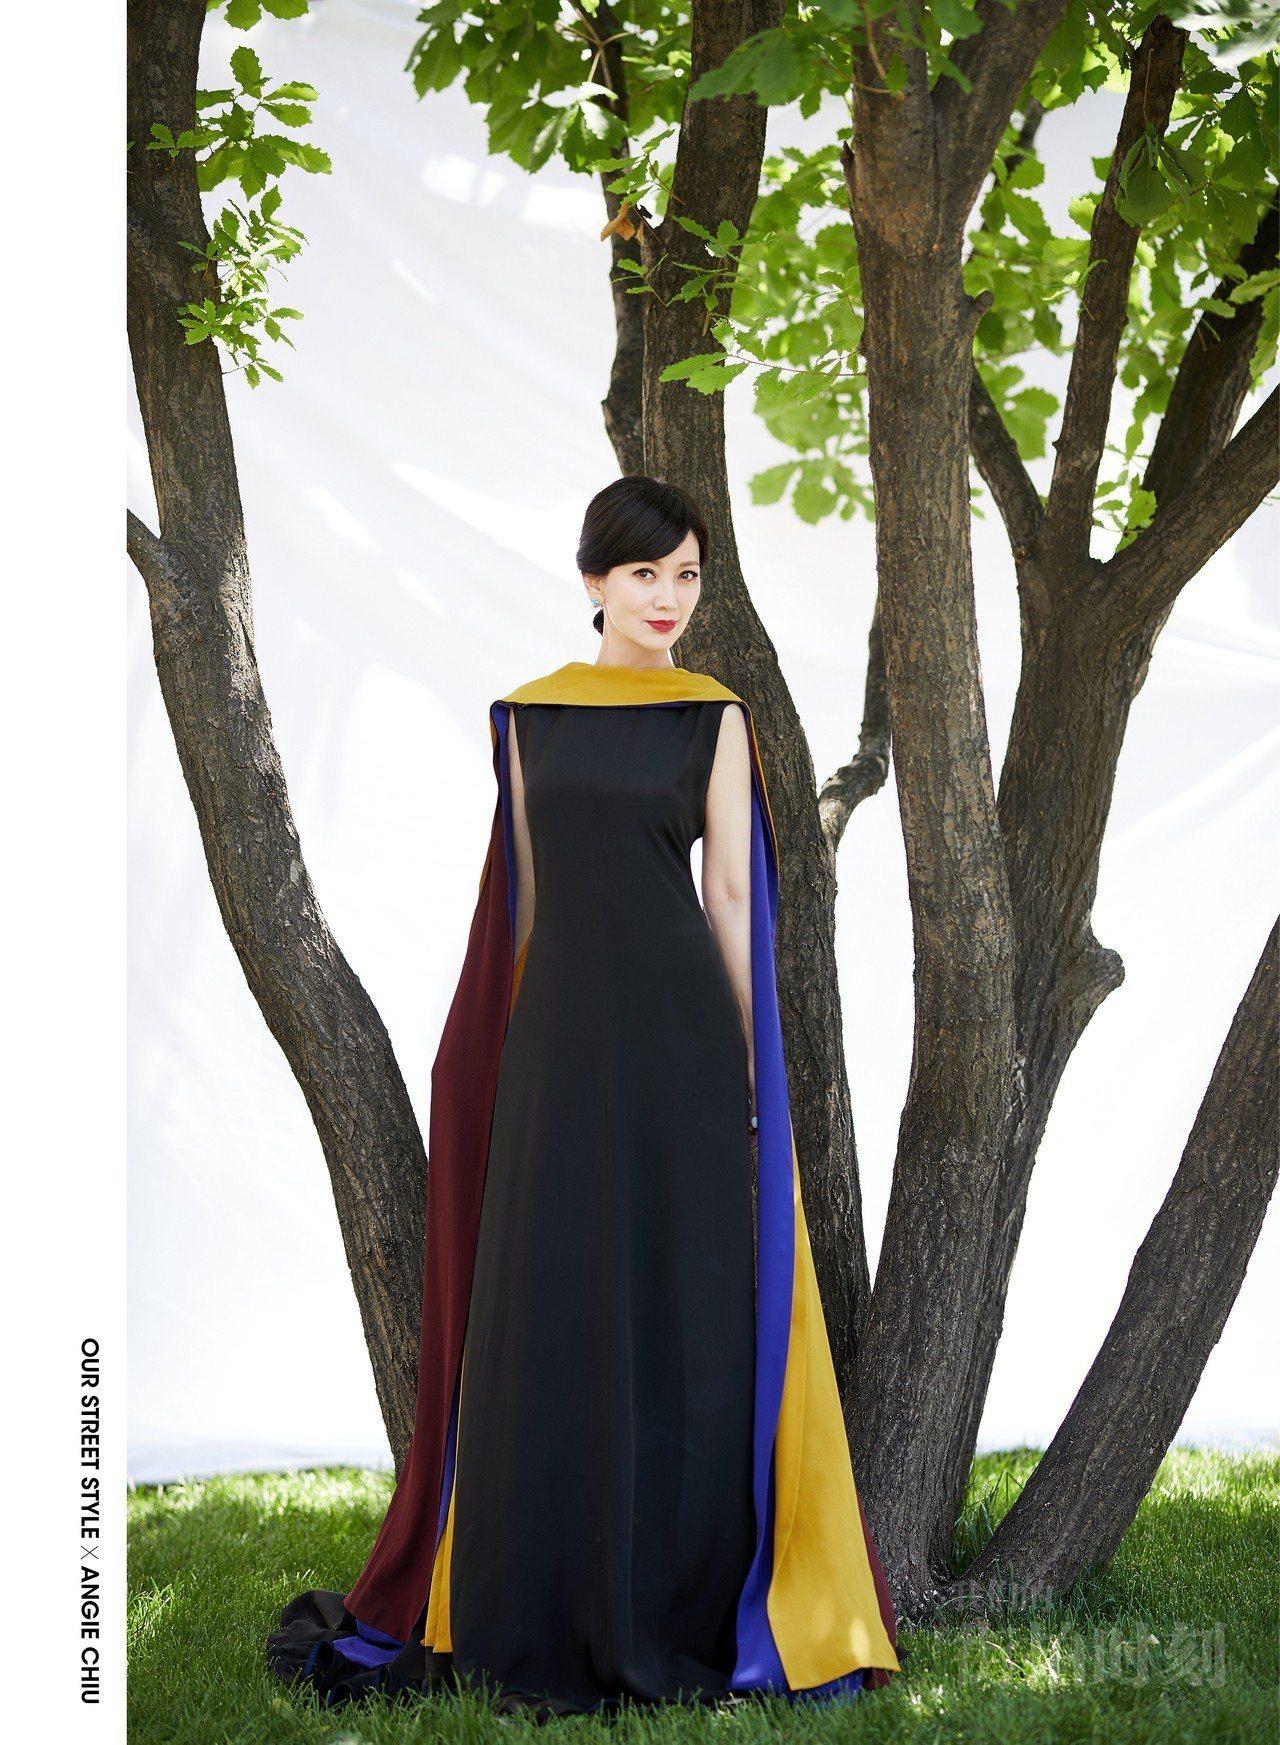 趙雅芝身穿黑色連身洋裝,搭配Chaumet的Hortensia系列耳環與戒指。圖...